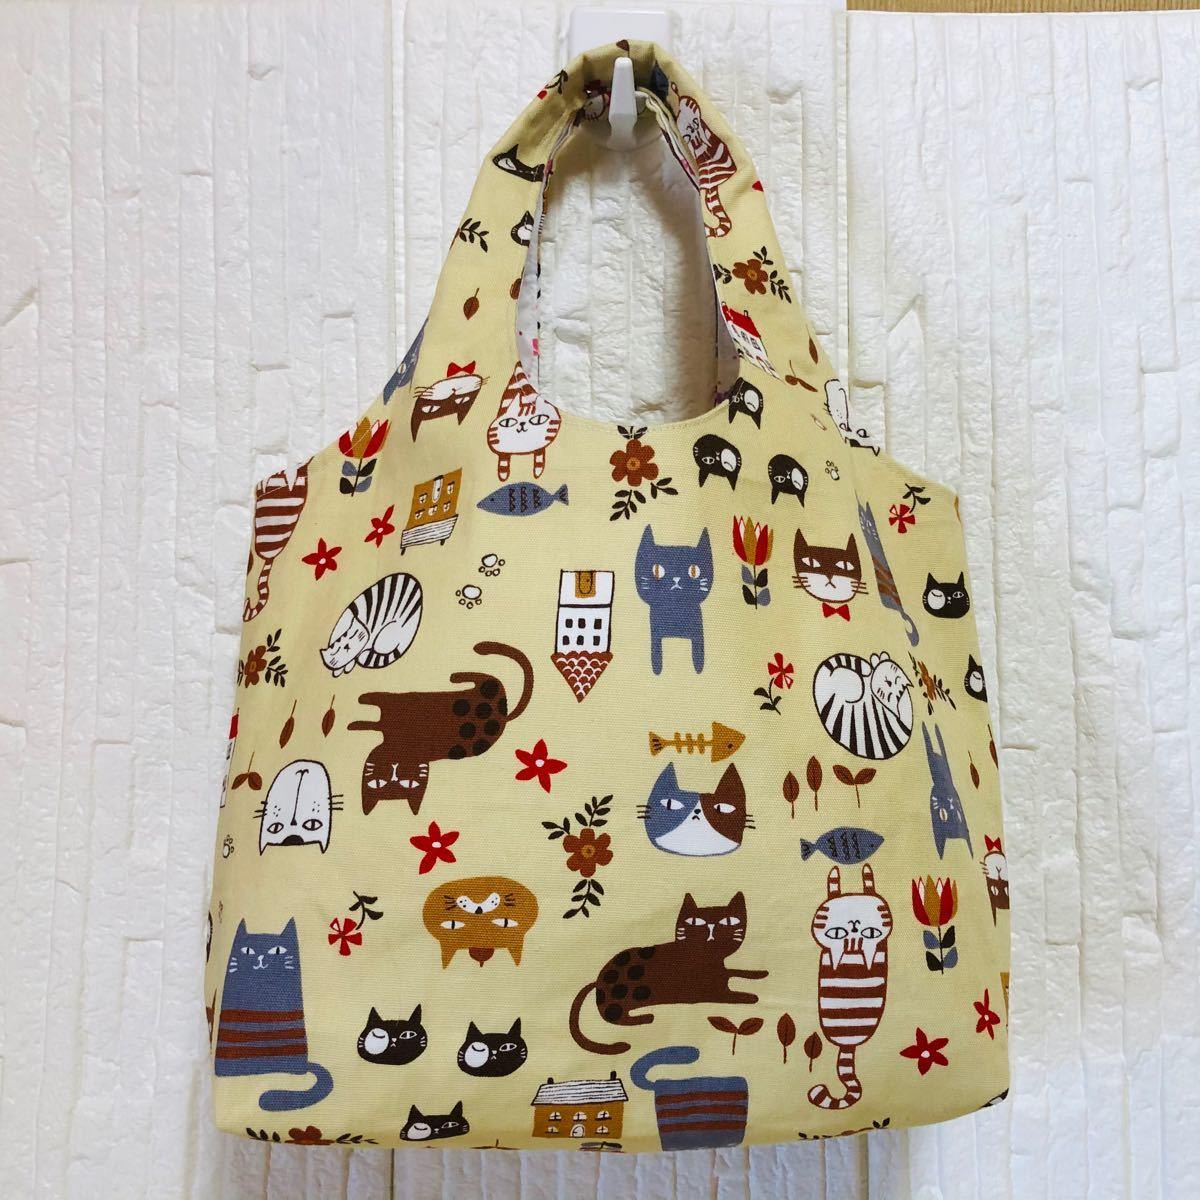 トートバッグ ポーチ ネコ柄 ミニトートバッグ ハンドメイドバッグ 巾着袋 ネコ増しました。